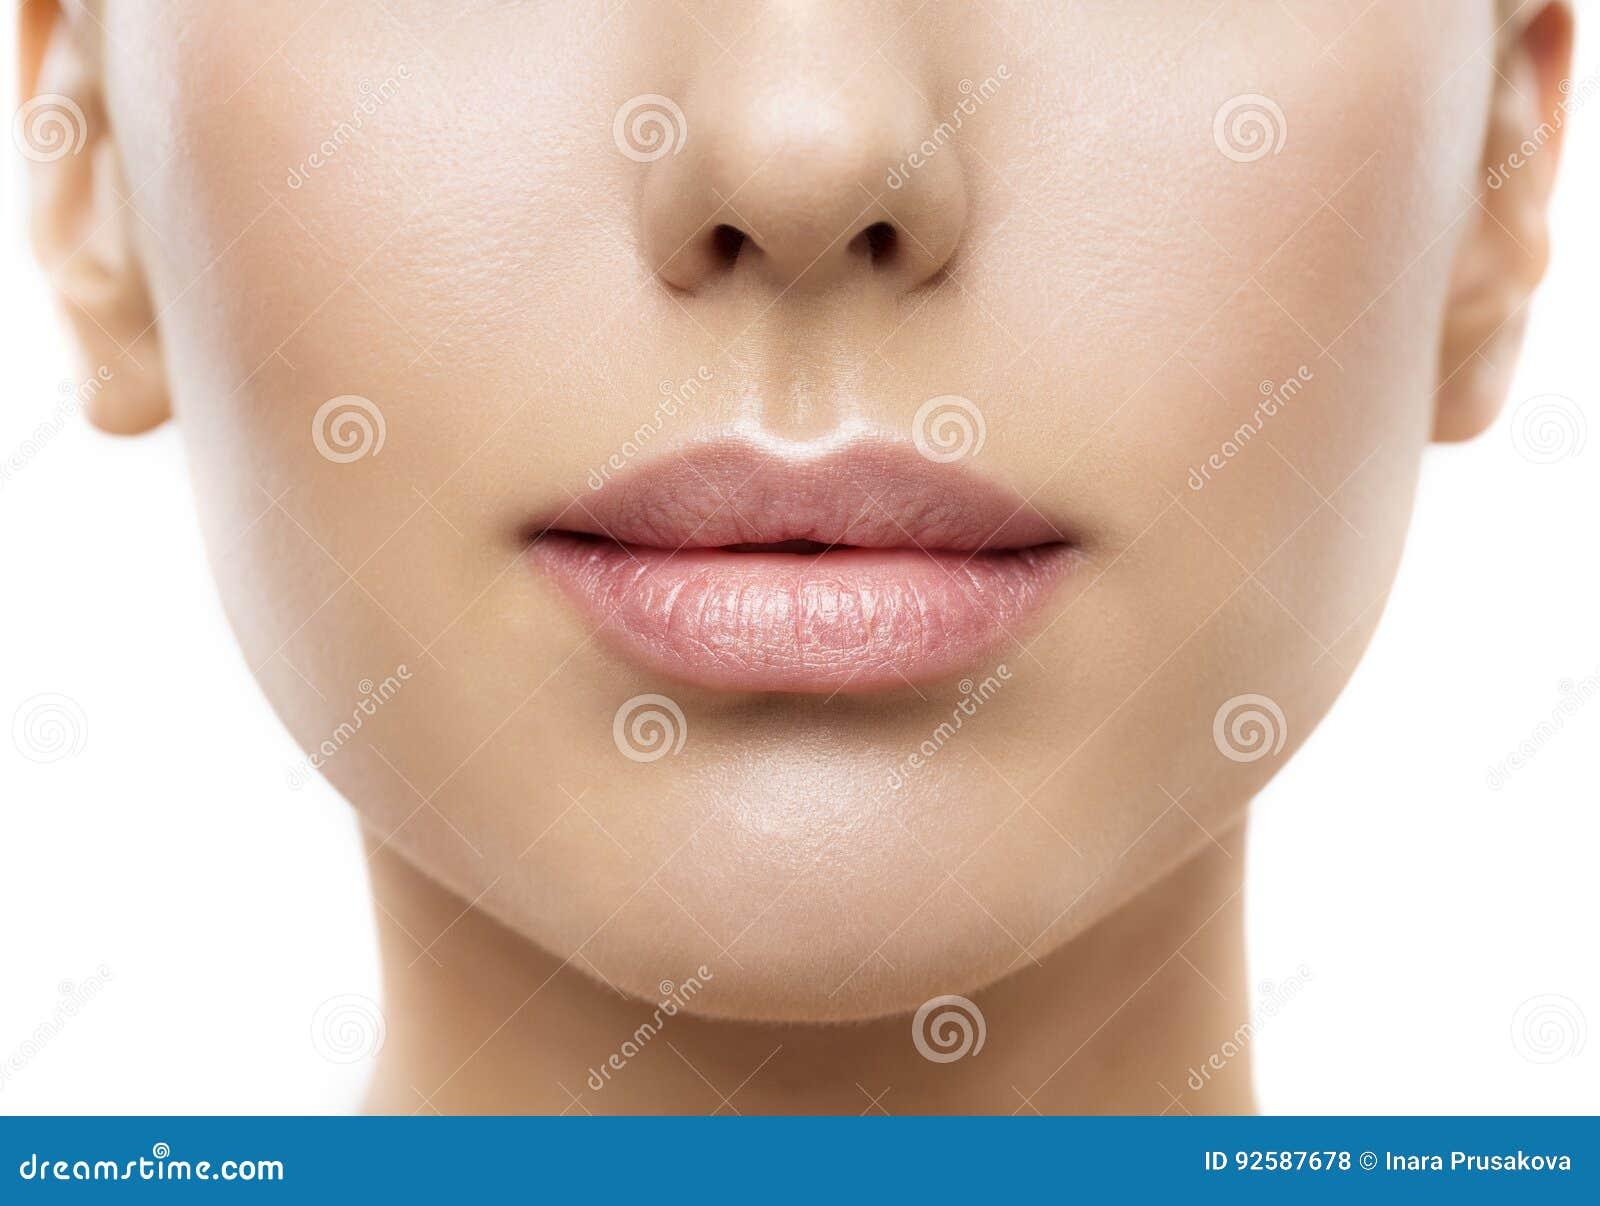 嘴唇,妇女面孔嘴秀丽,美丽的皮肤充分的嘴唇特写镜头